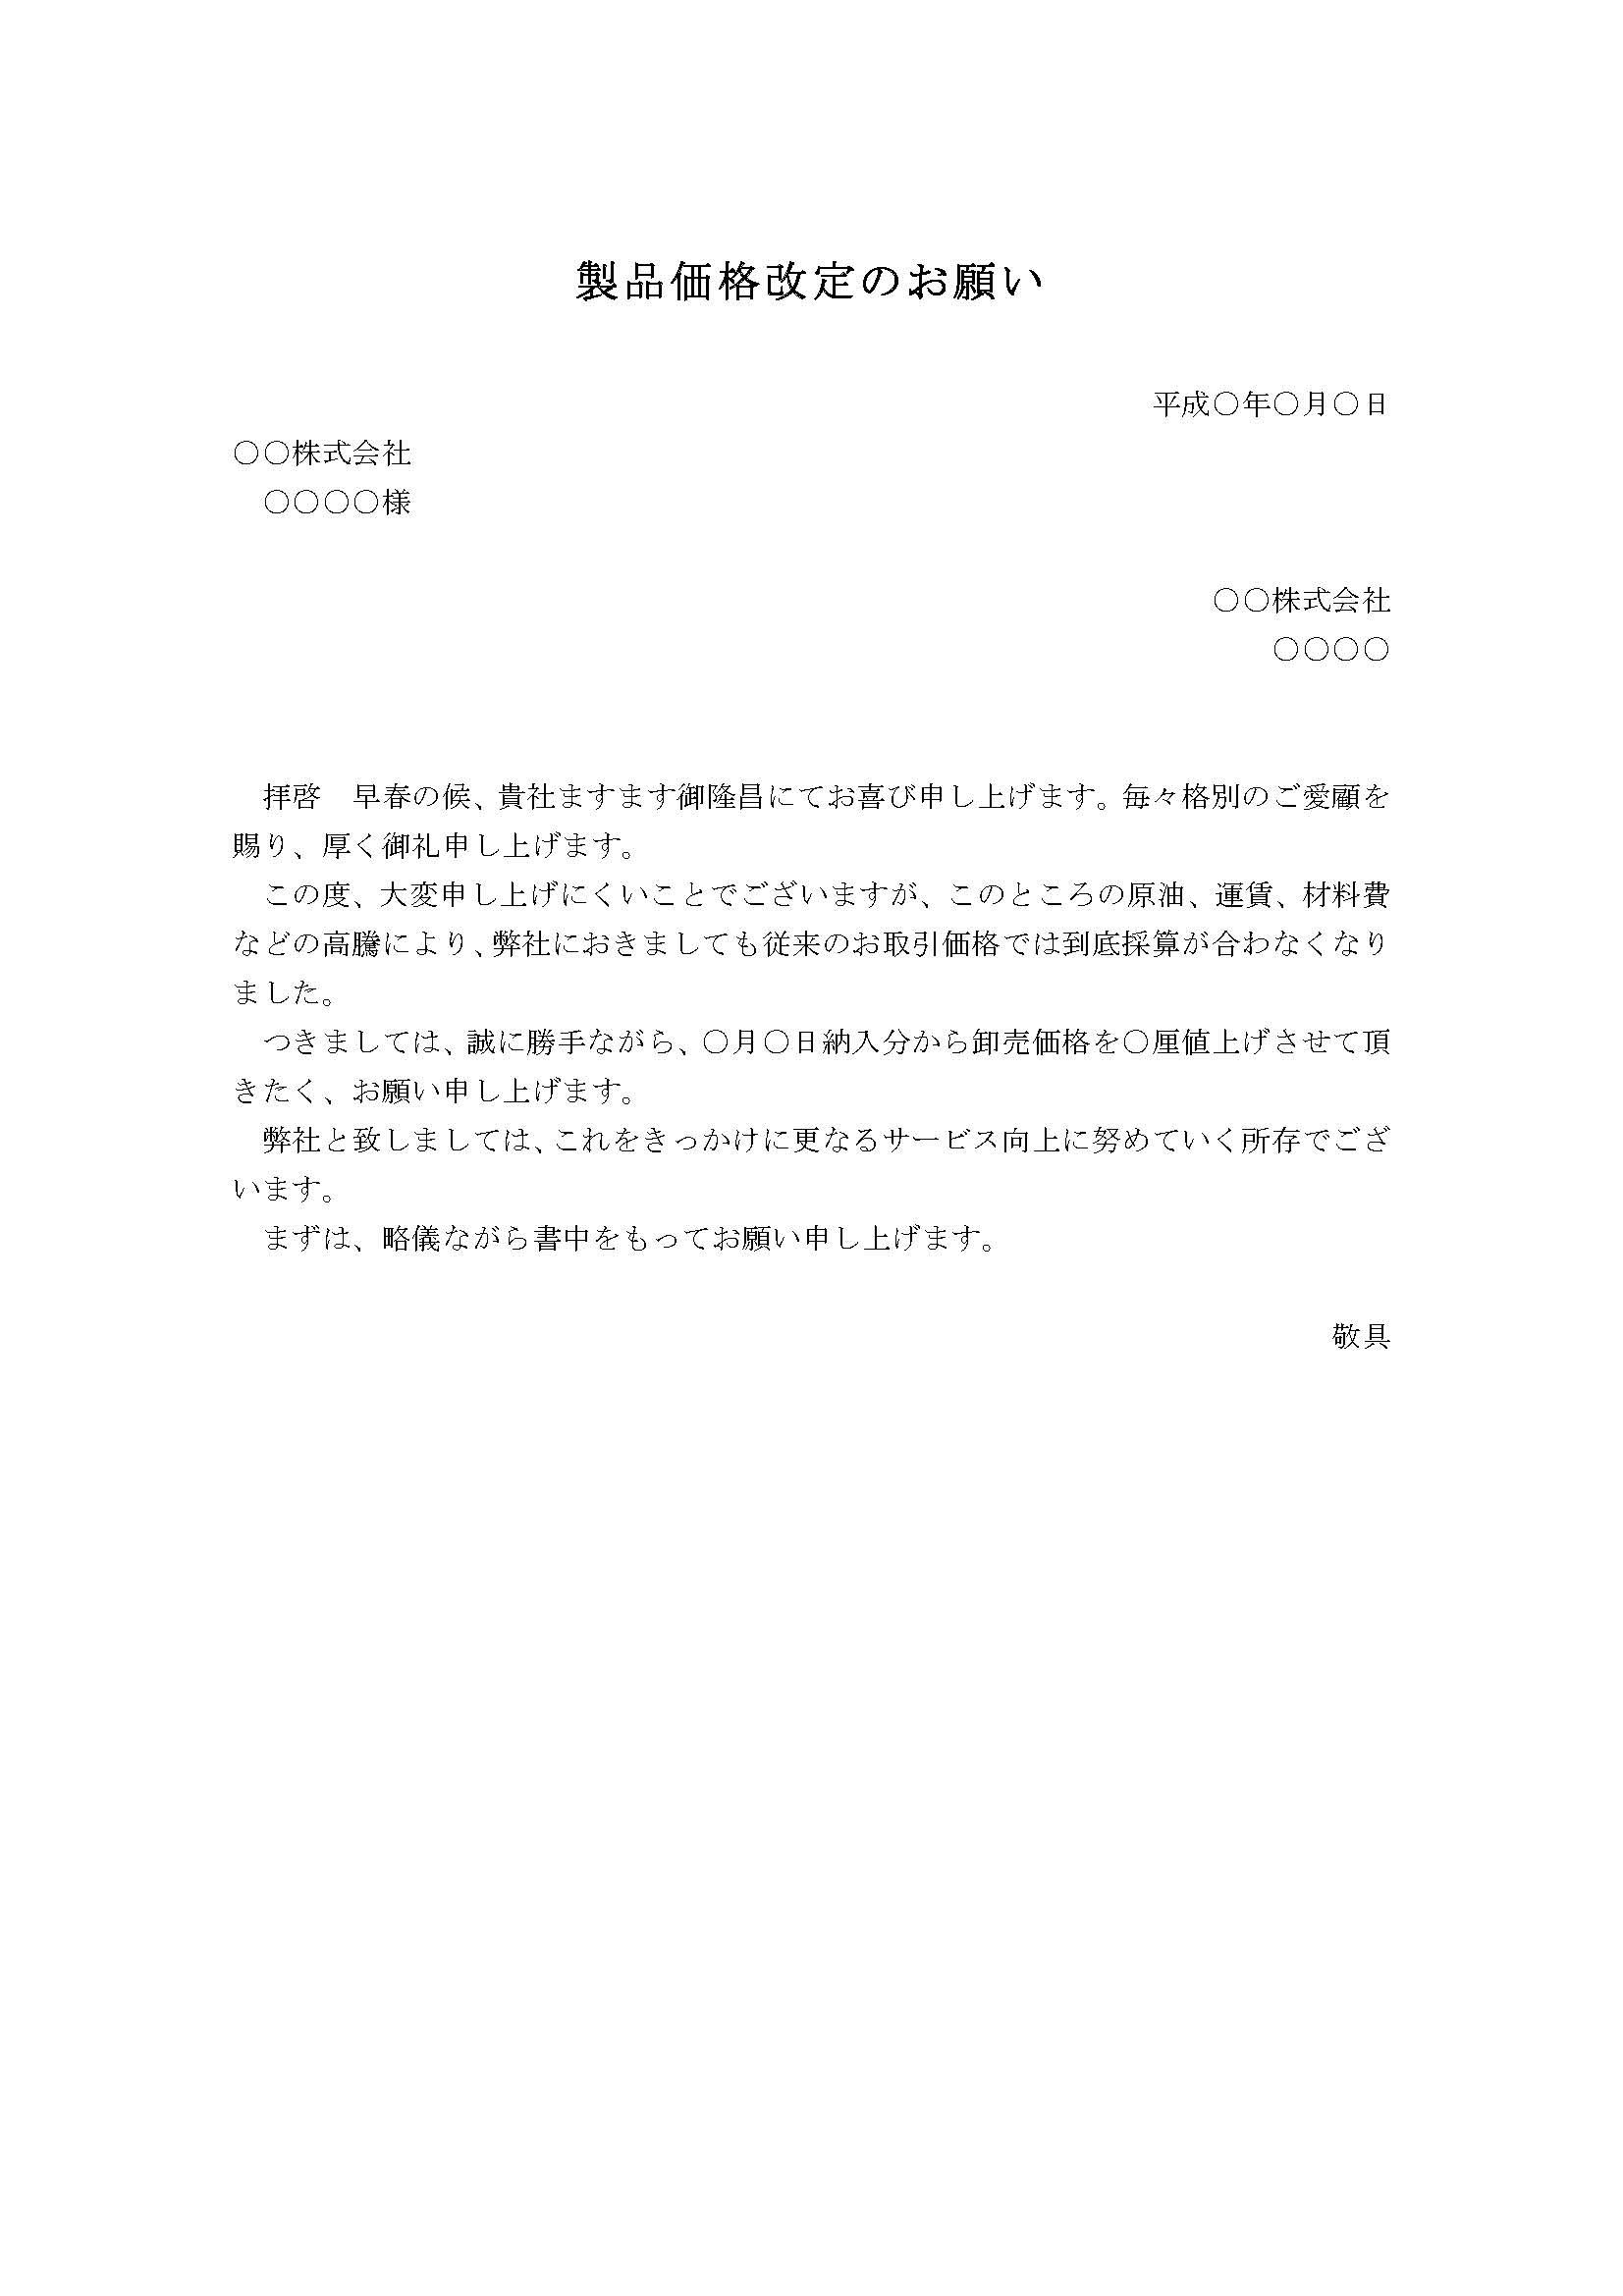 依頼状(価格改定)03